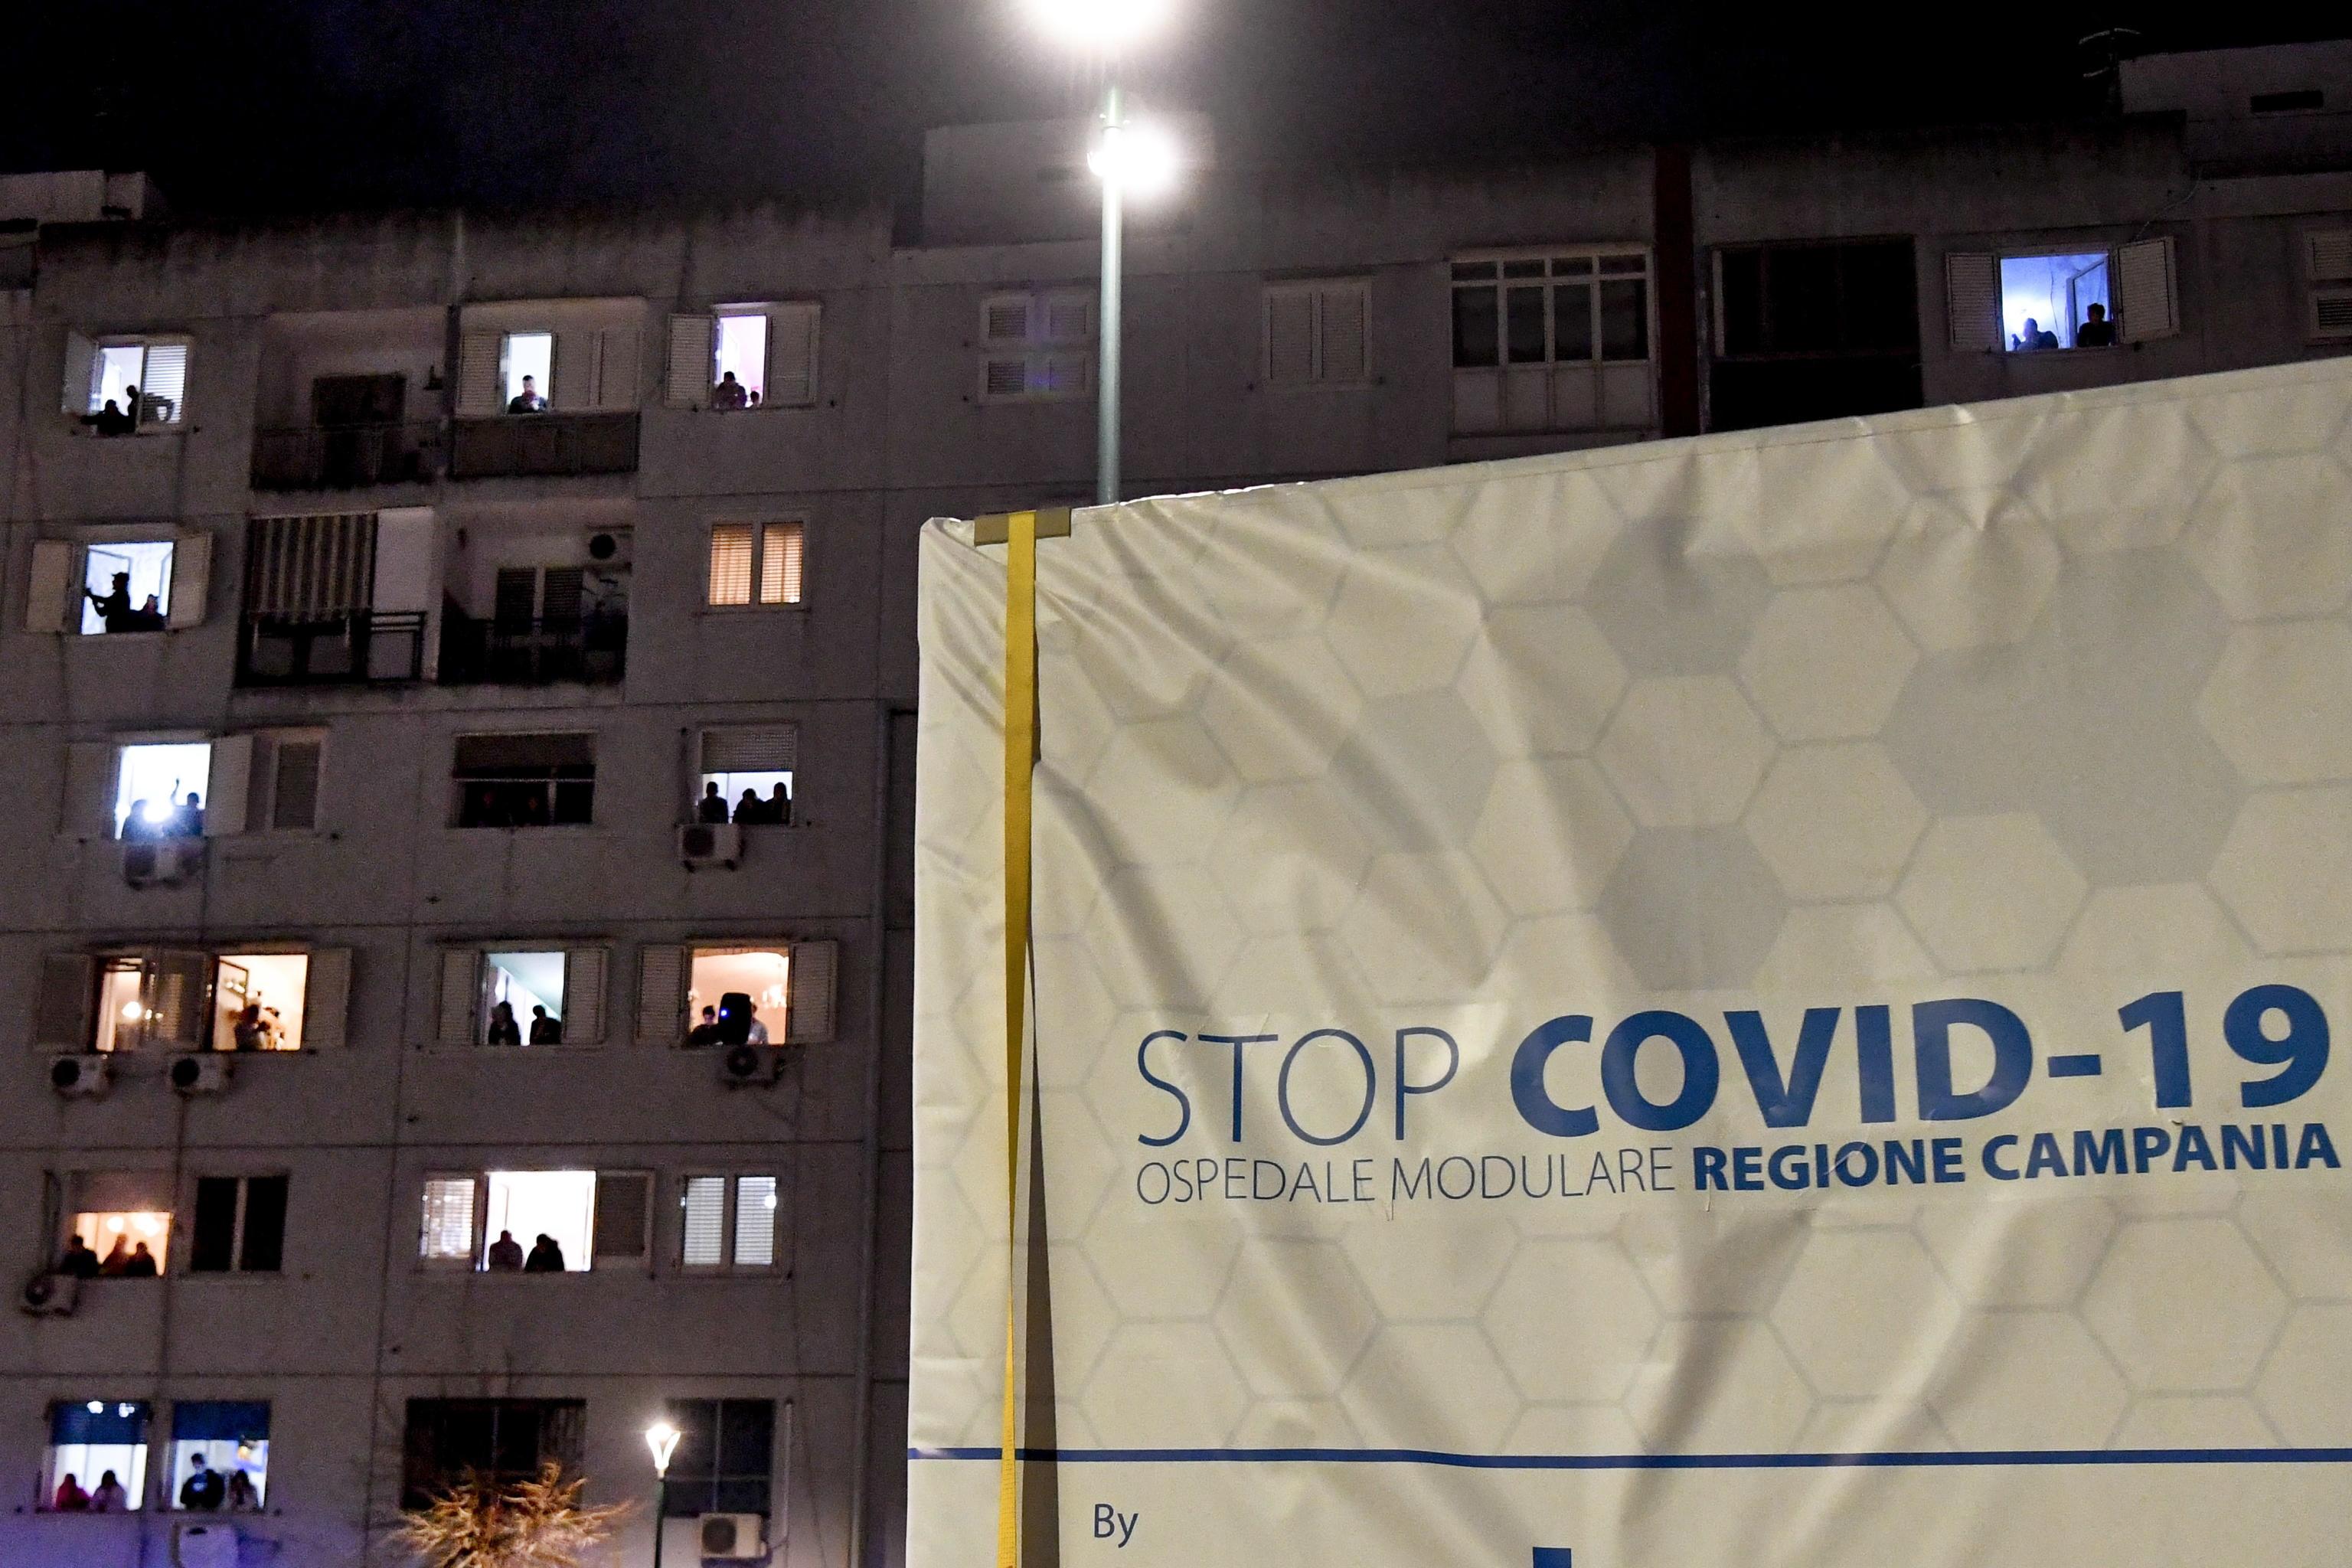 """UE, Eurogrupo e BCE pedem respostas """"engenhosas e construtivas"""" à crise"""